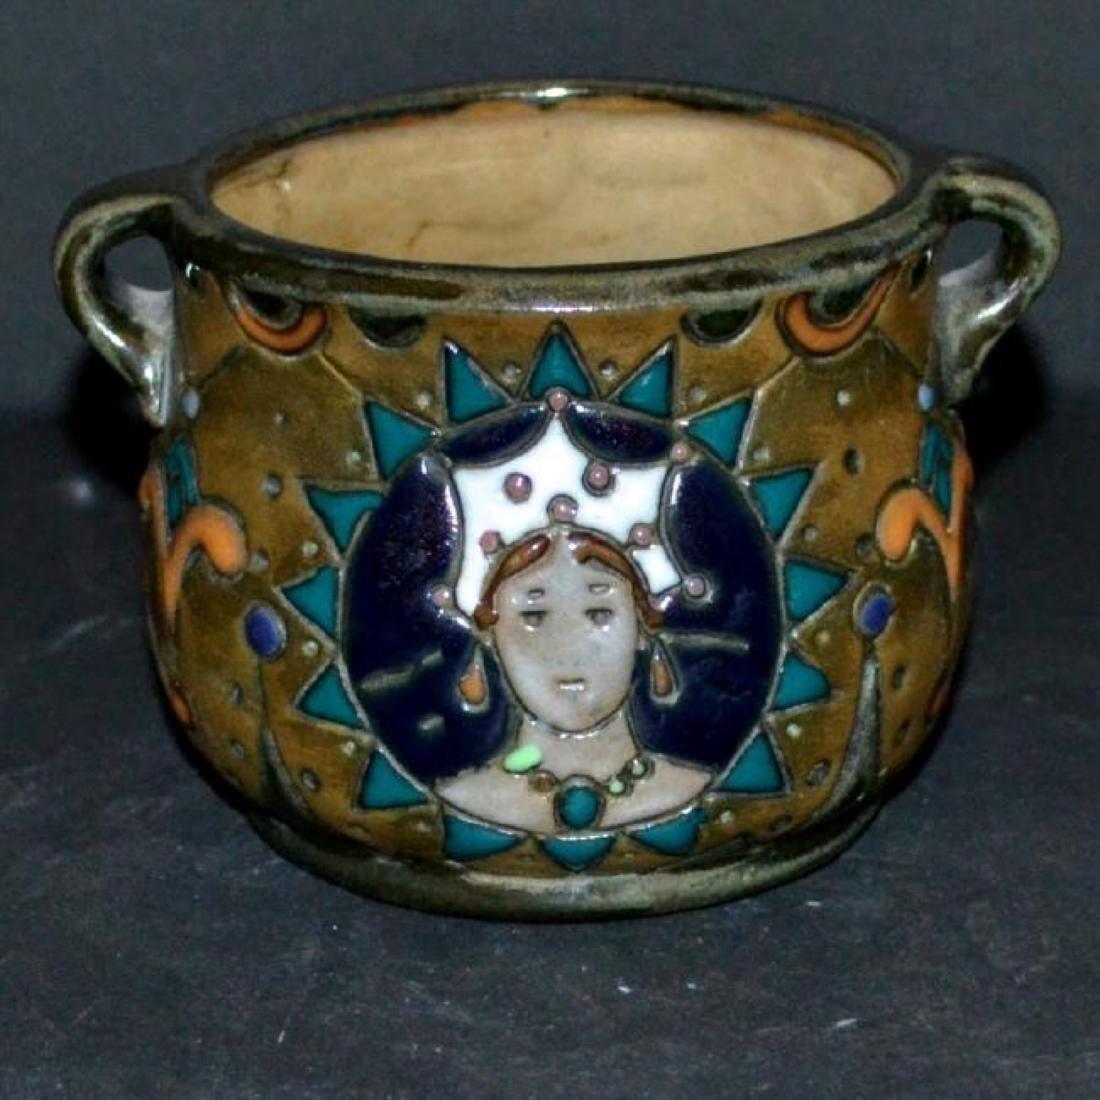 Antique Amphora Works Reissner 1905-1945 Vessel